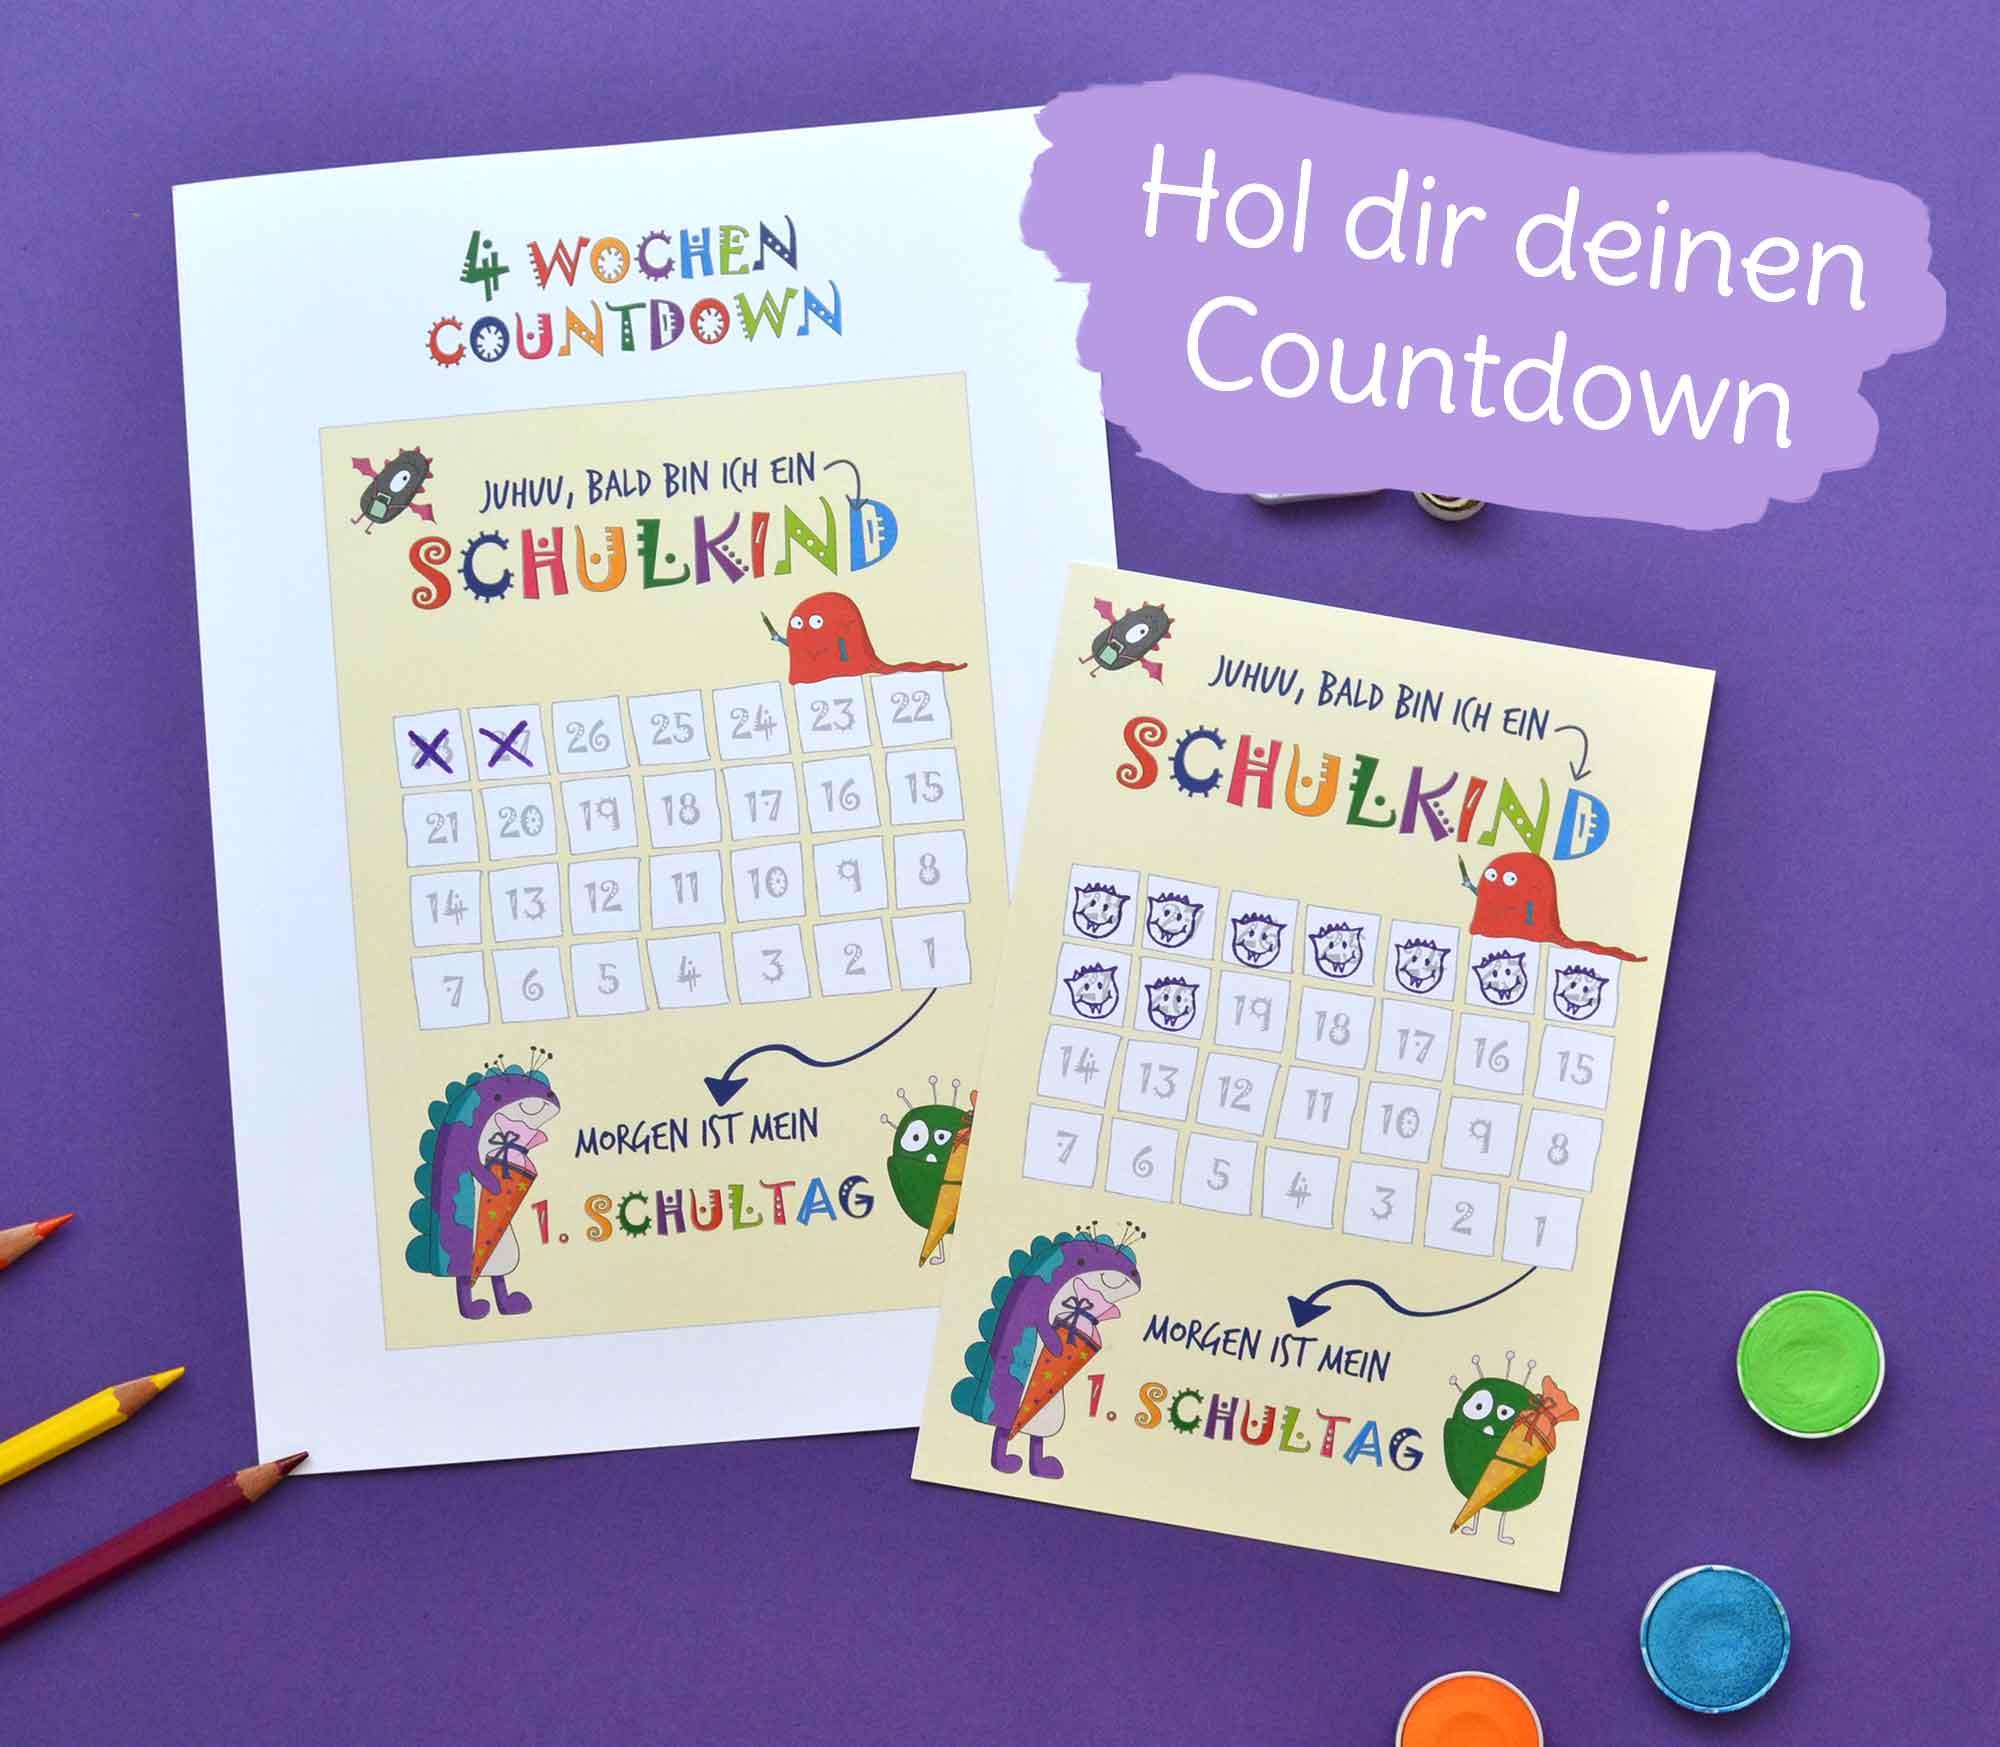 Gratis Download: Countdown für den Schulstart und die Einschulung